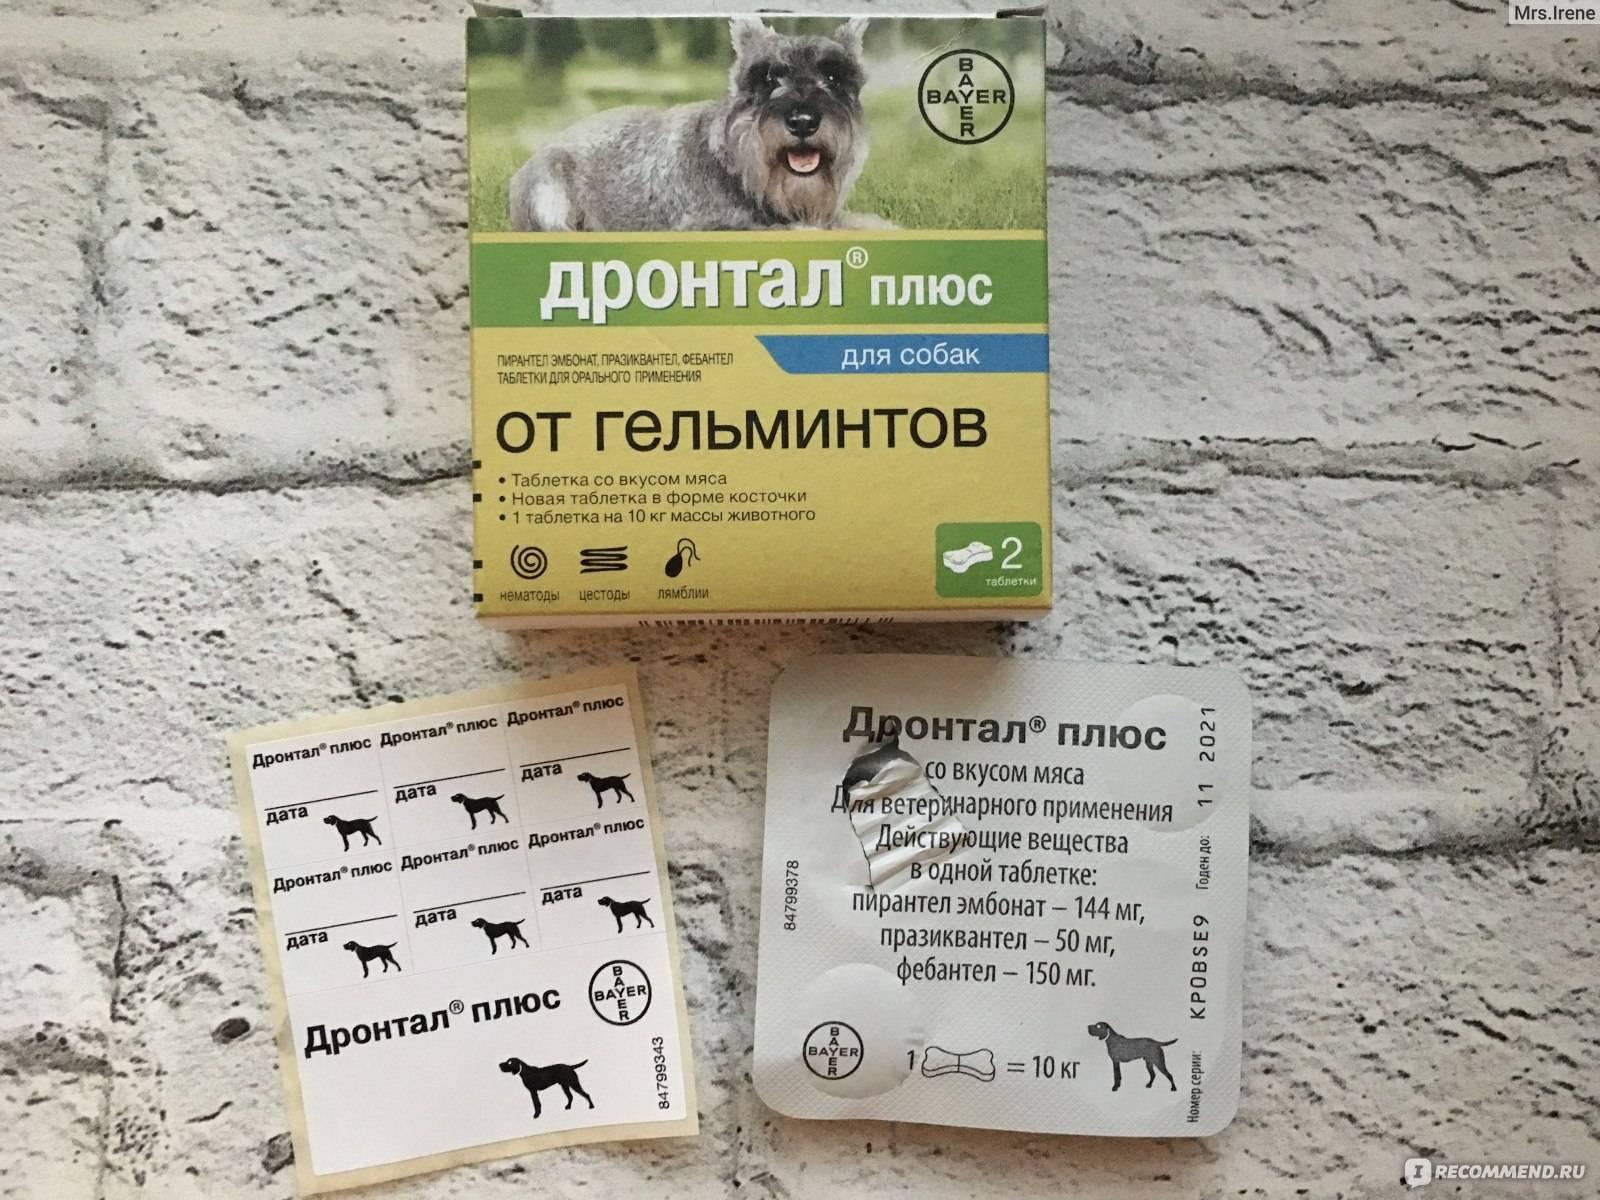 Дронтал для кошек и котов: цена, инструкция по применению, отзывы